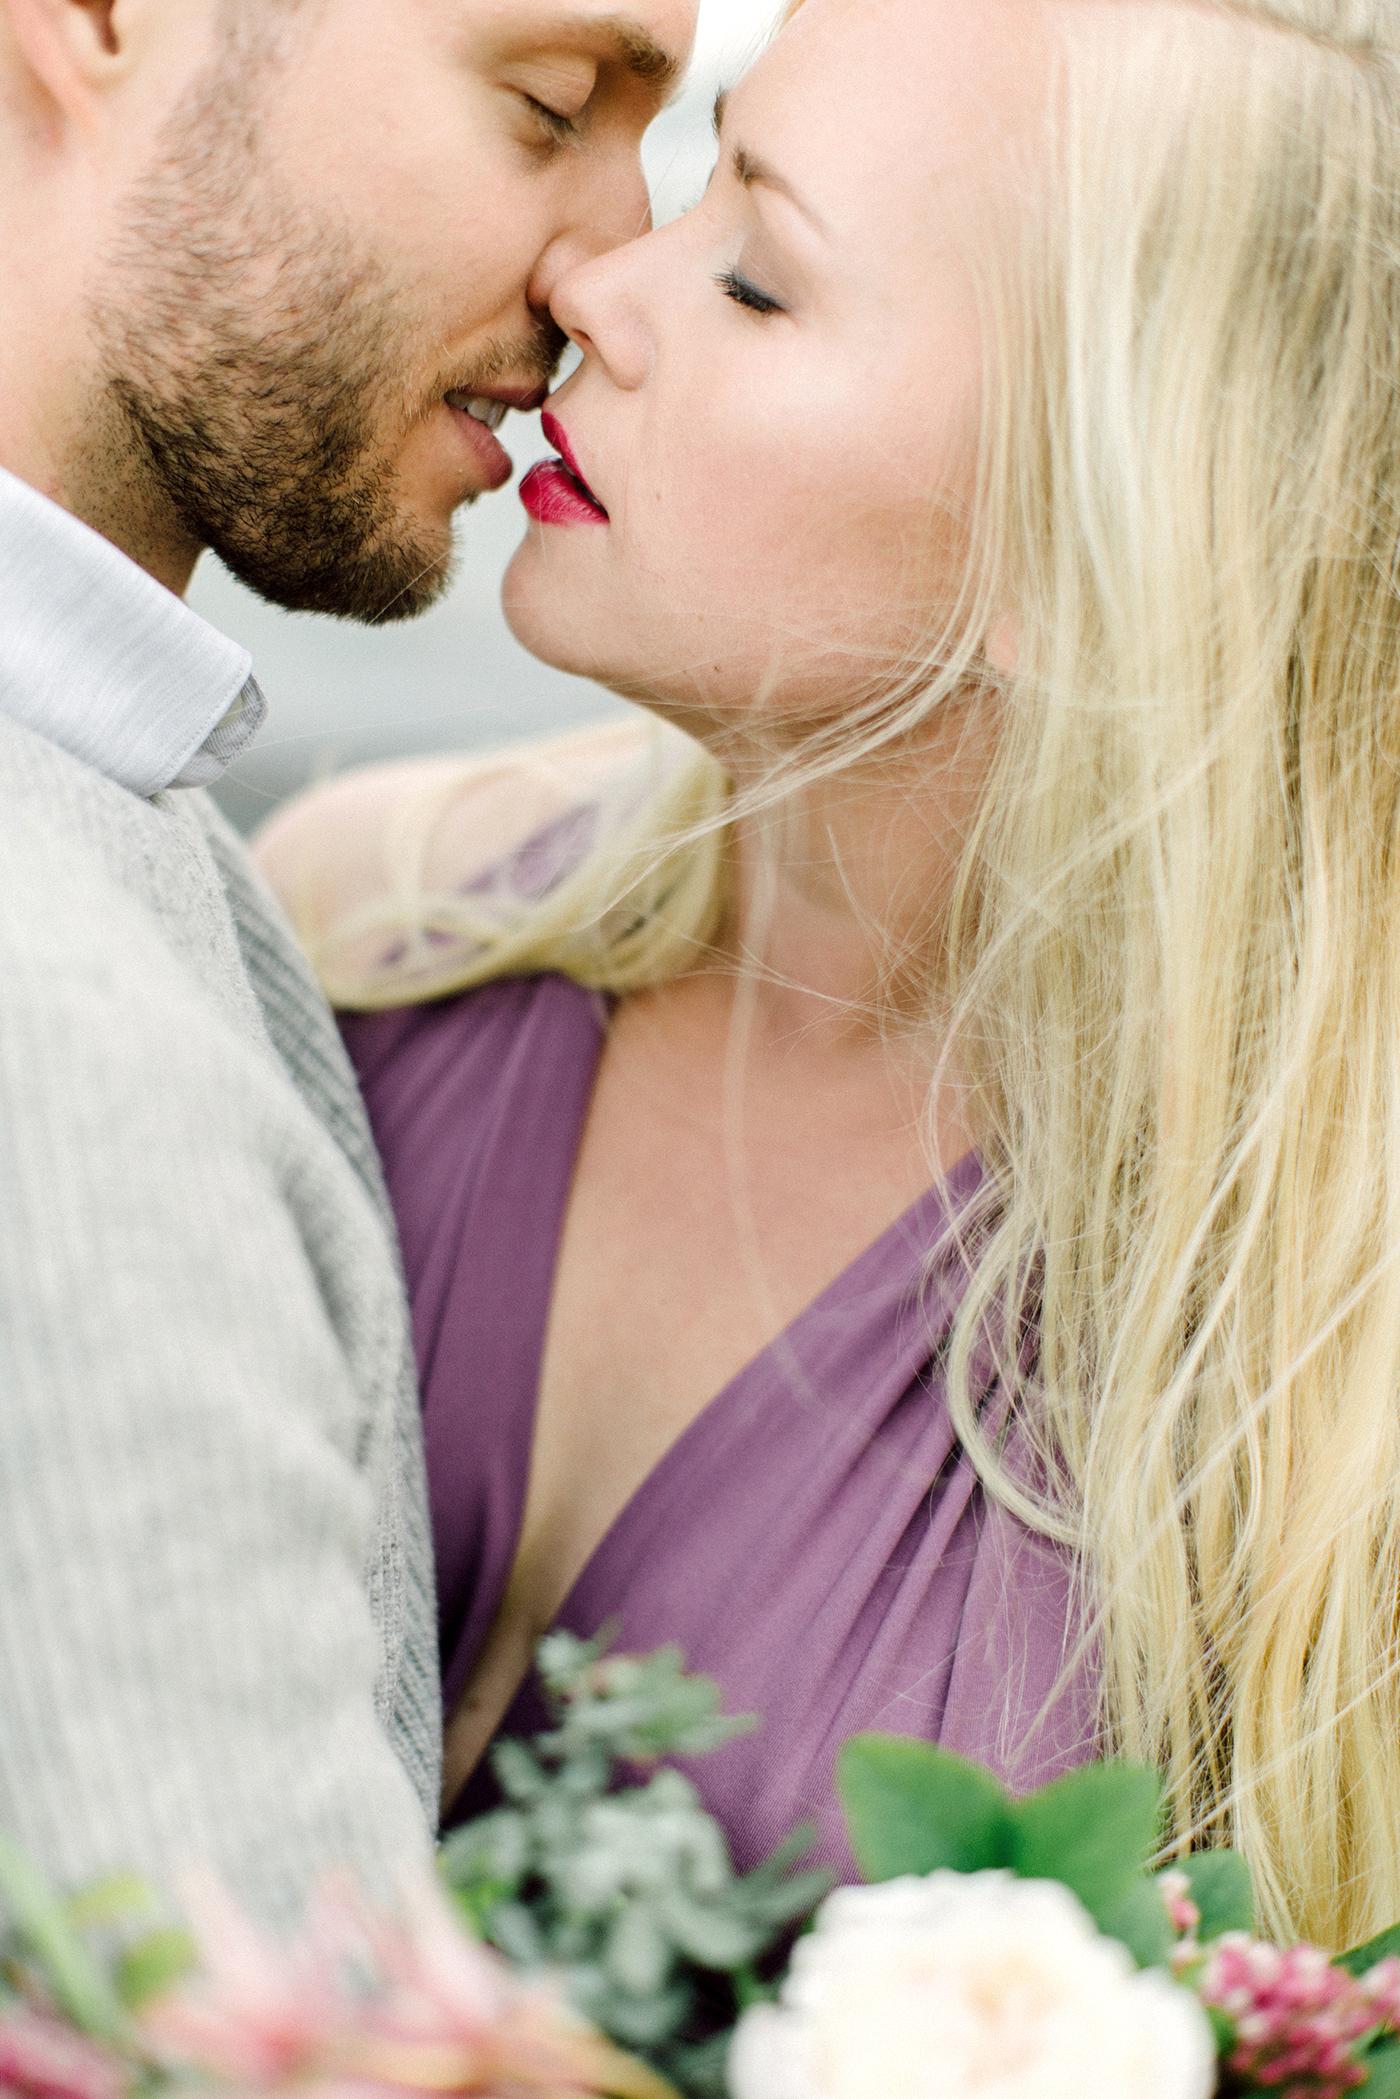 Sari & Mikko - Beach Engagement Couple Shoot in Hanko kihlakuvaus parikuvaus - Susanna Nordvall - Hey Look (4).jpg